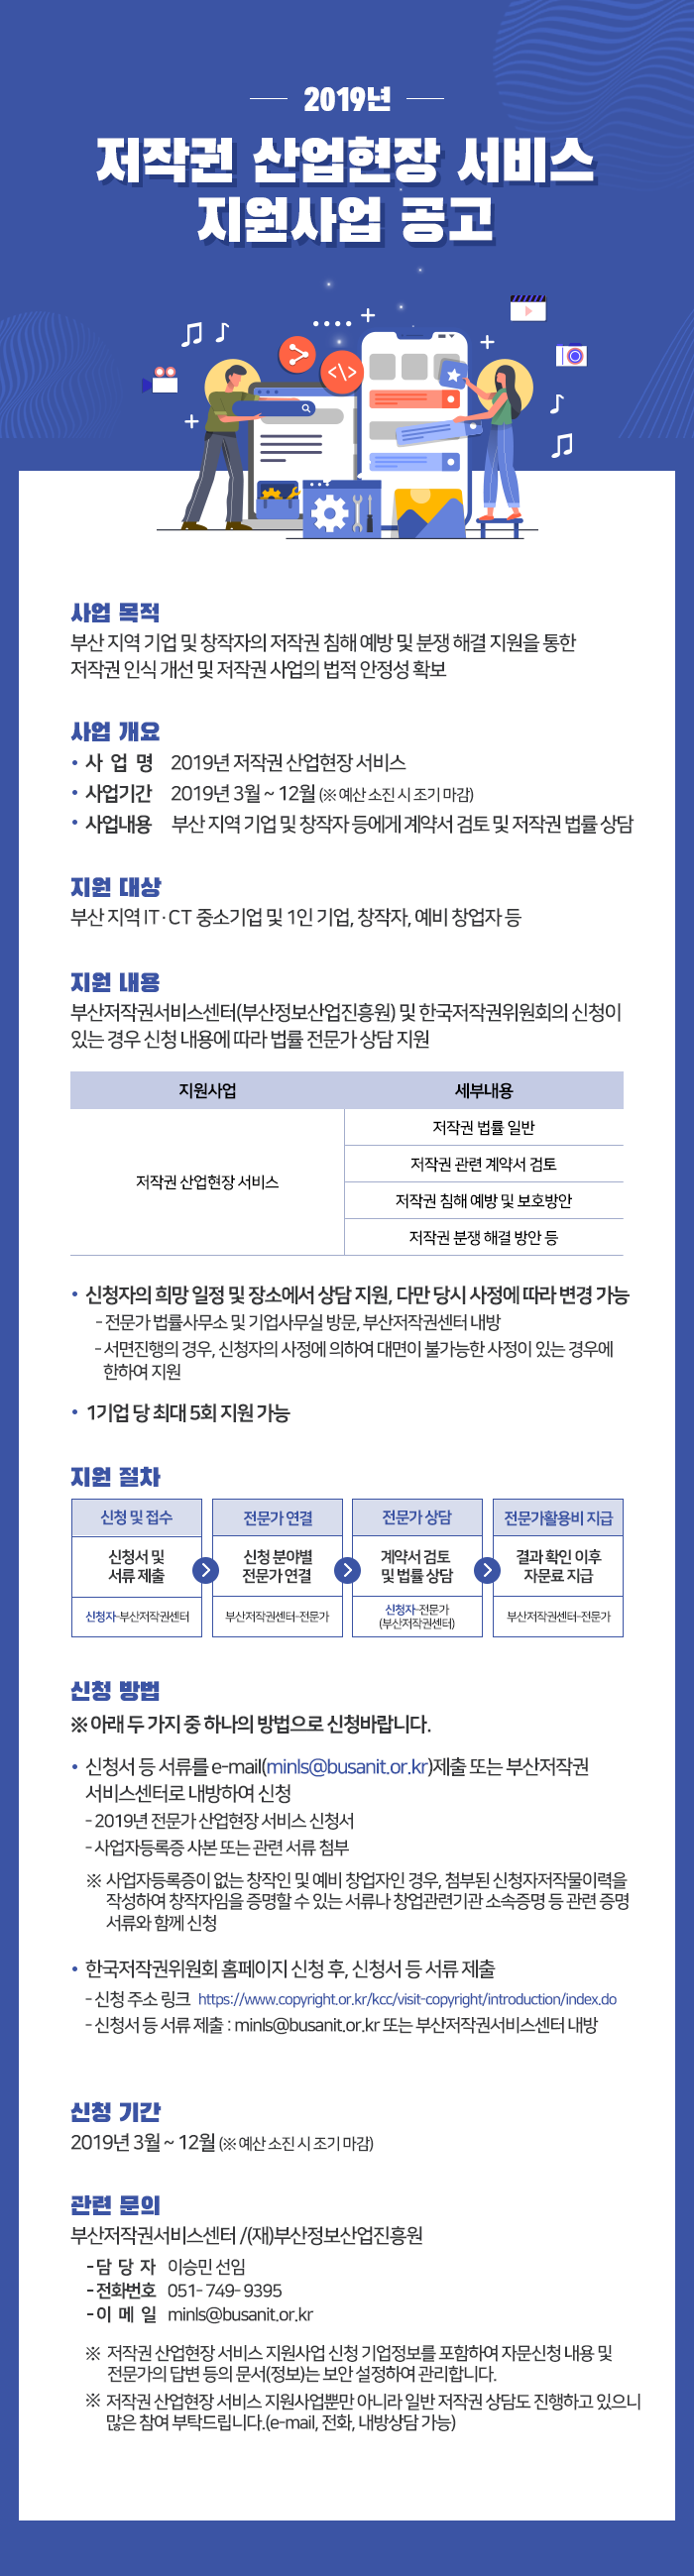 2019년 저작권 산업현장 서비스 지원사업 공고